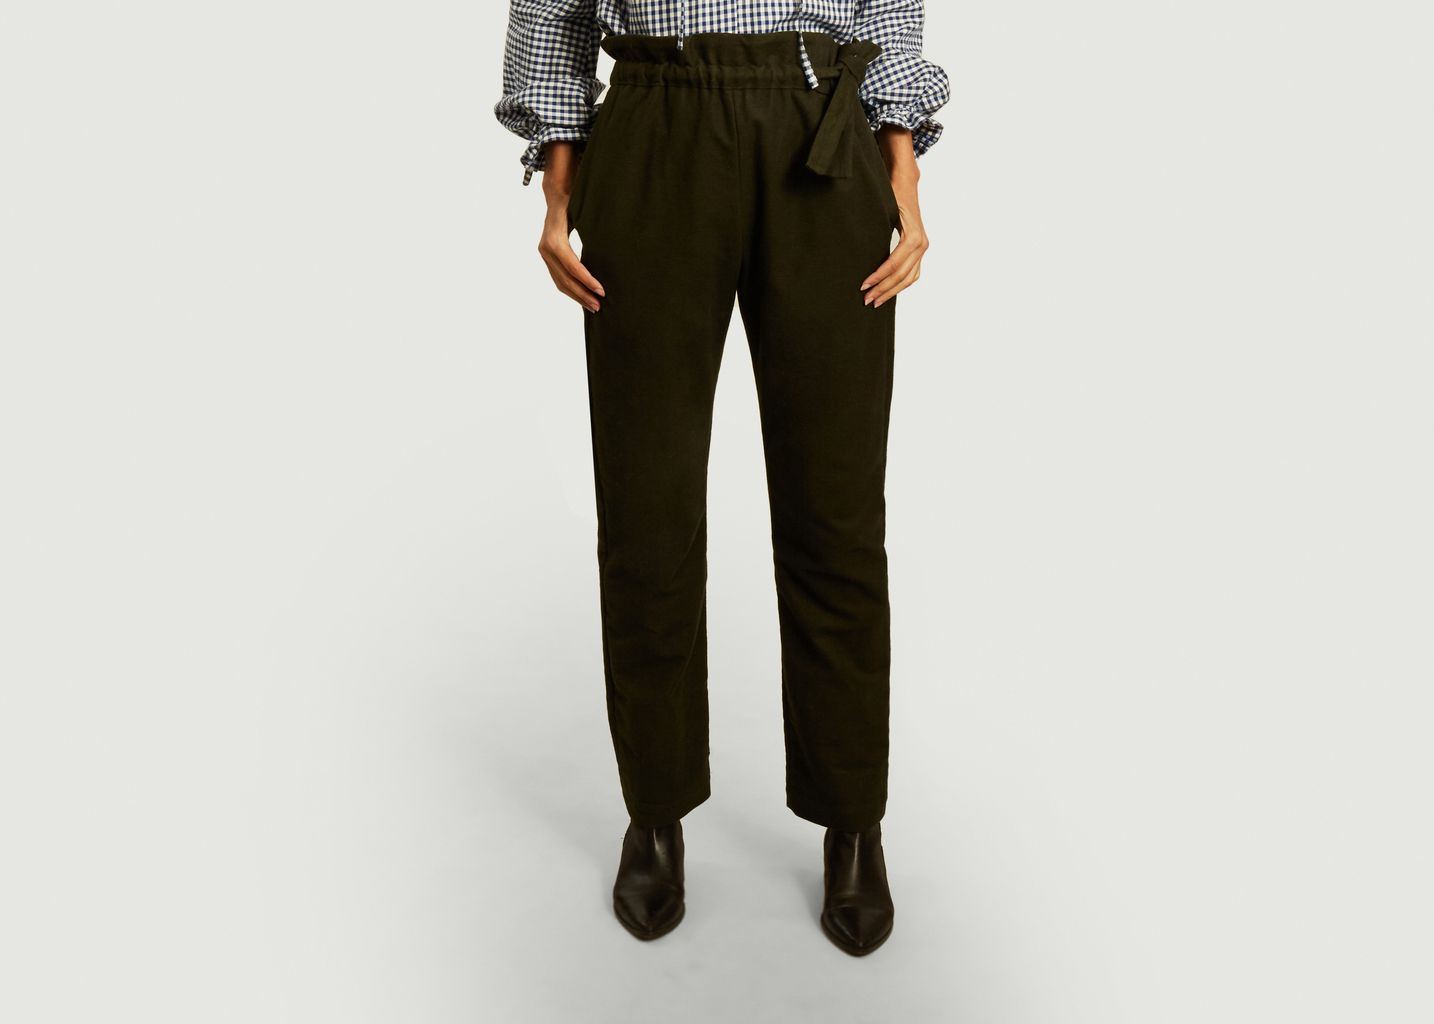 Pantalon en coton Louise - Gaëlle constantini